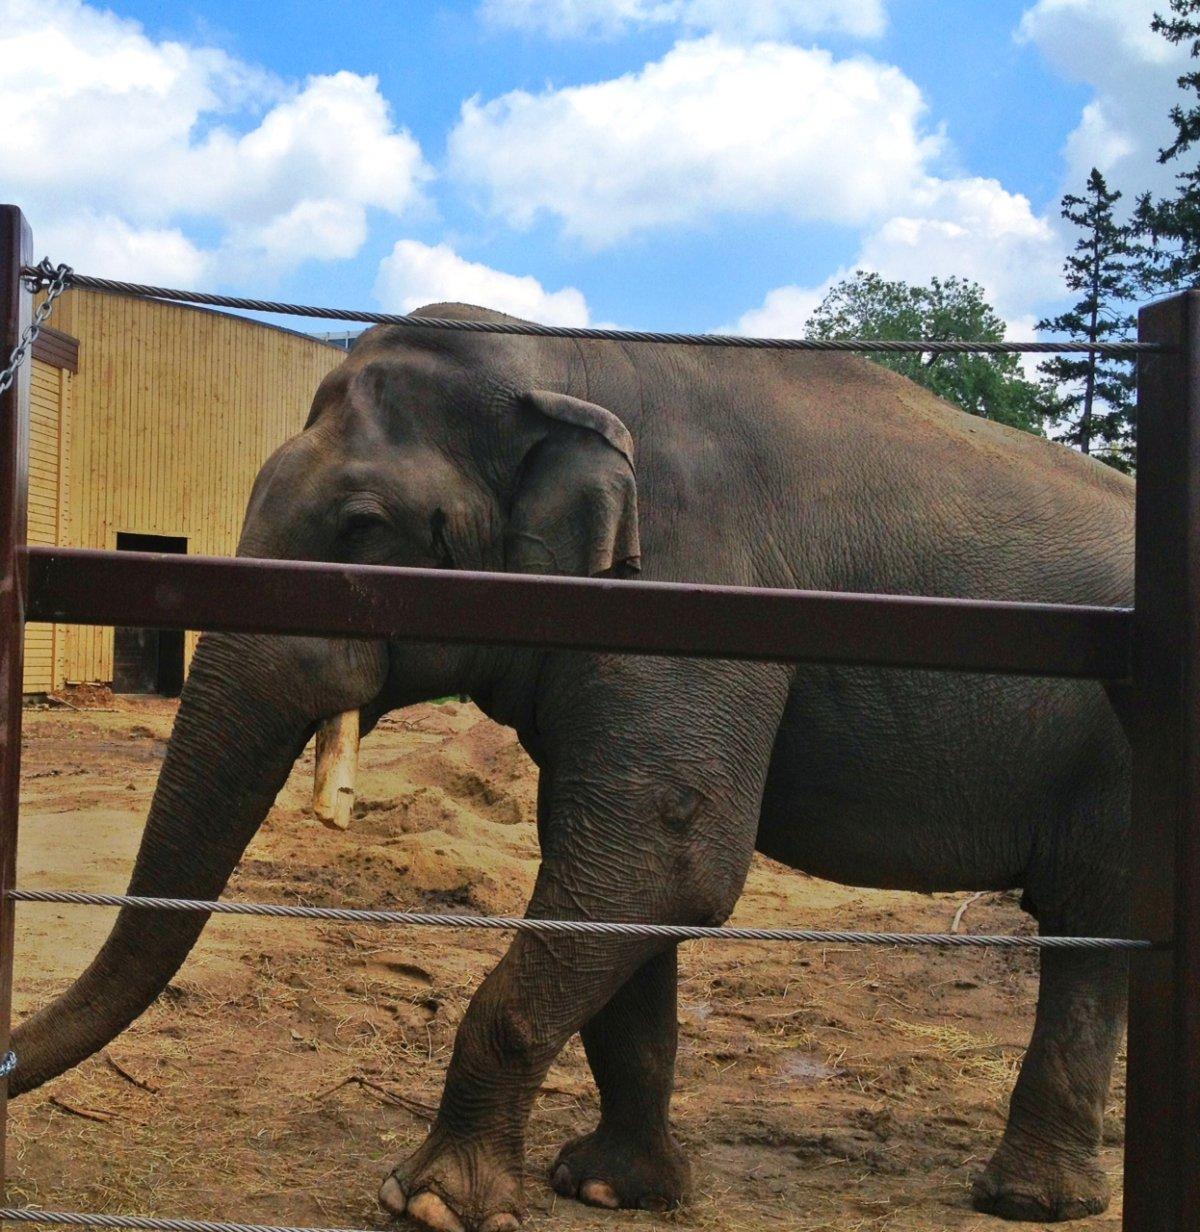 Spike the elephant.